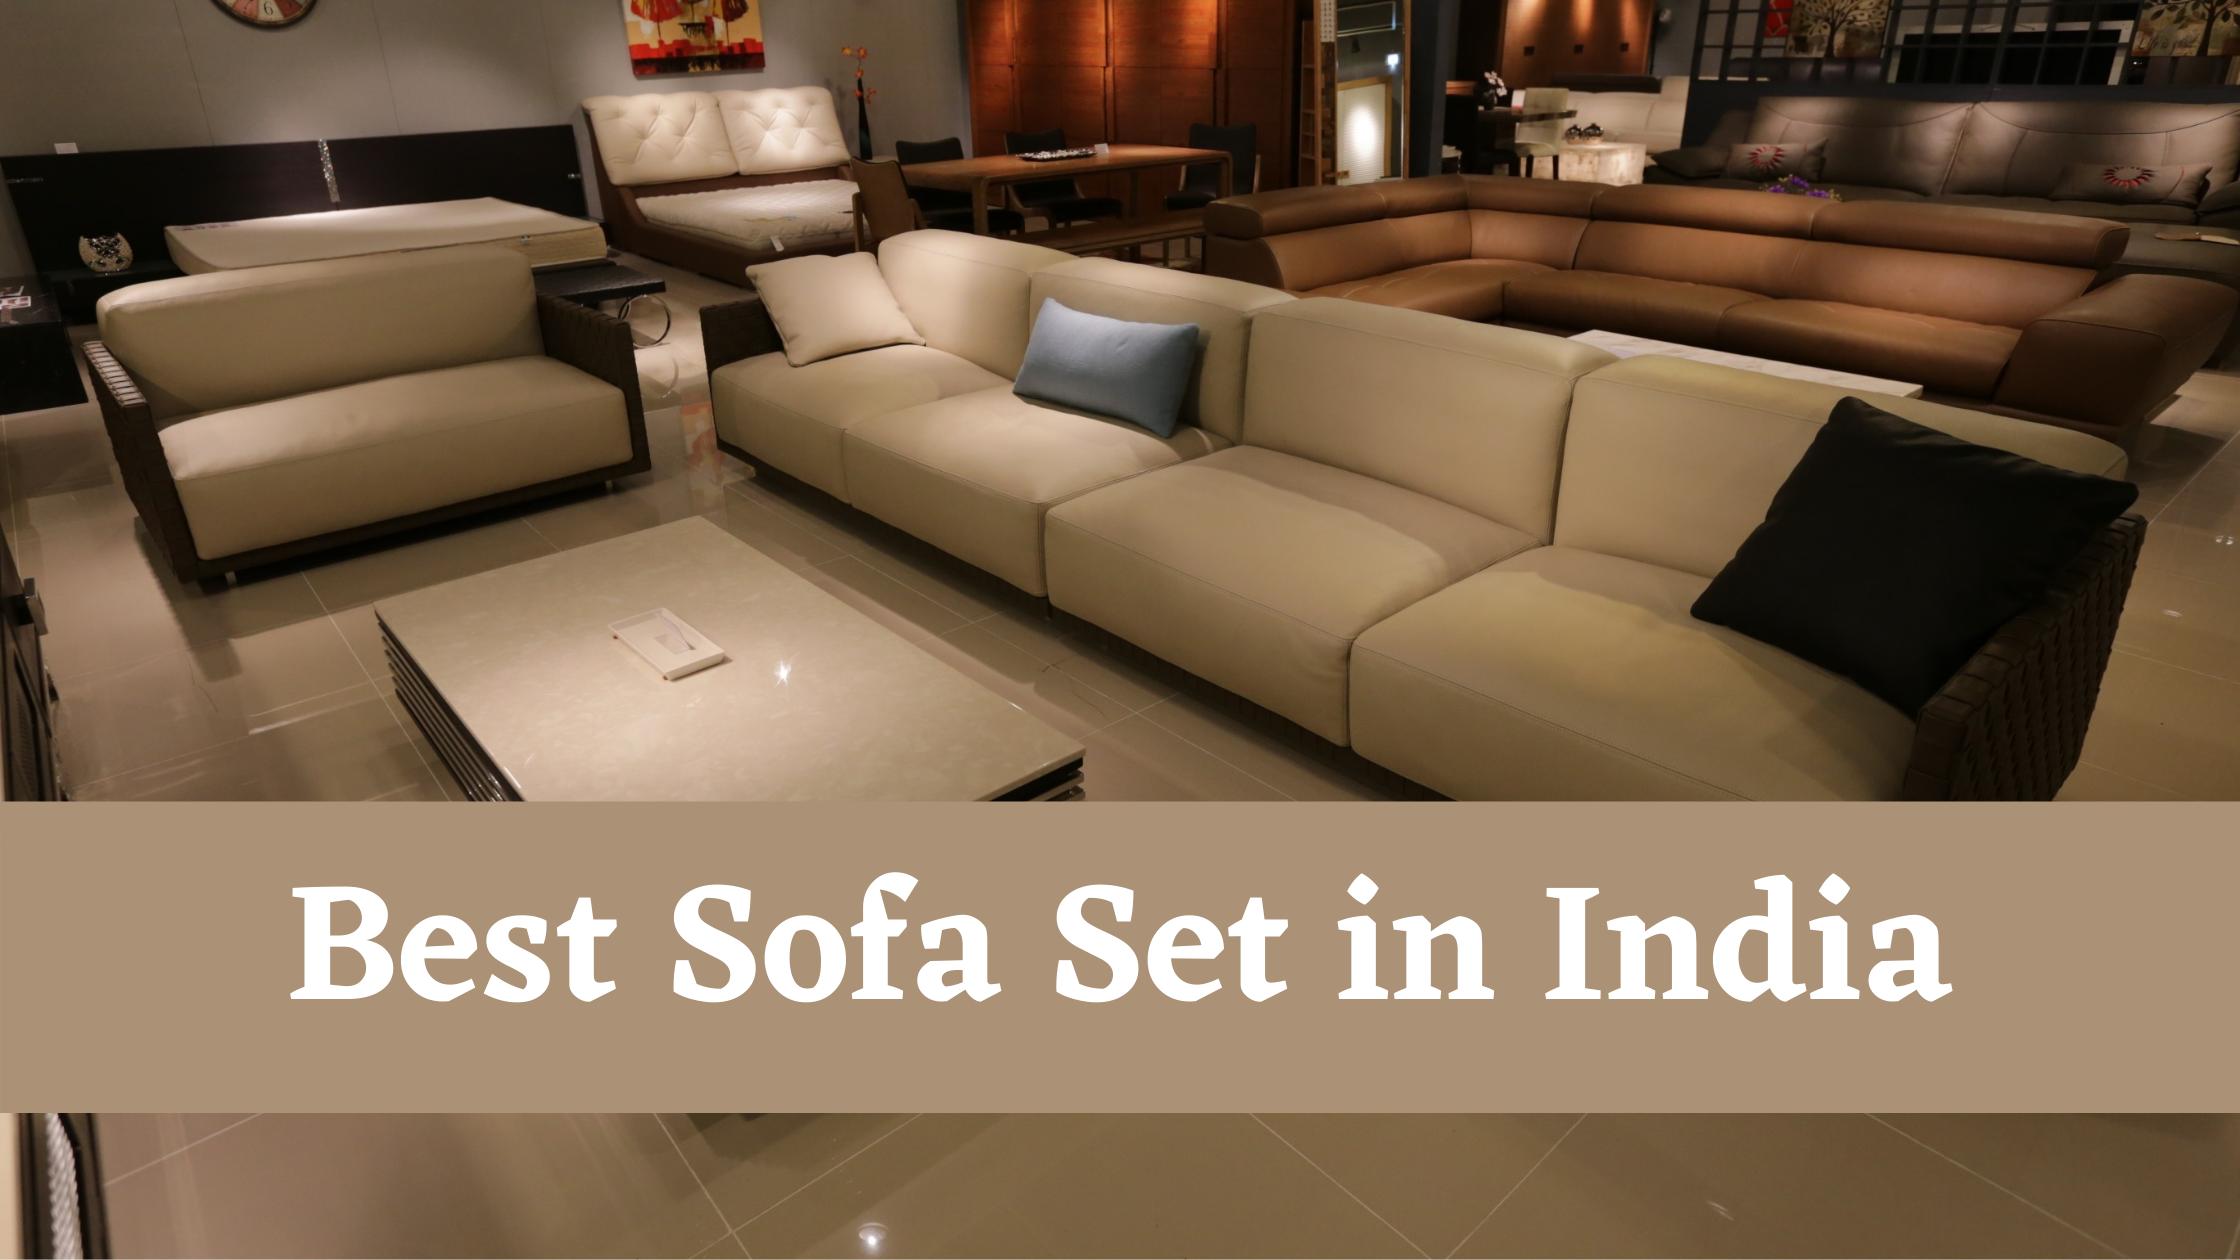 25 Best Sofa Set in India 2020